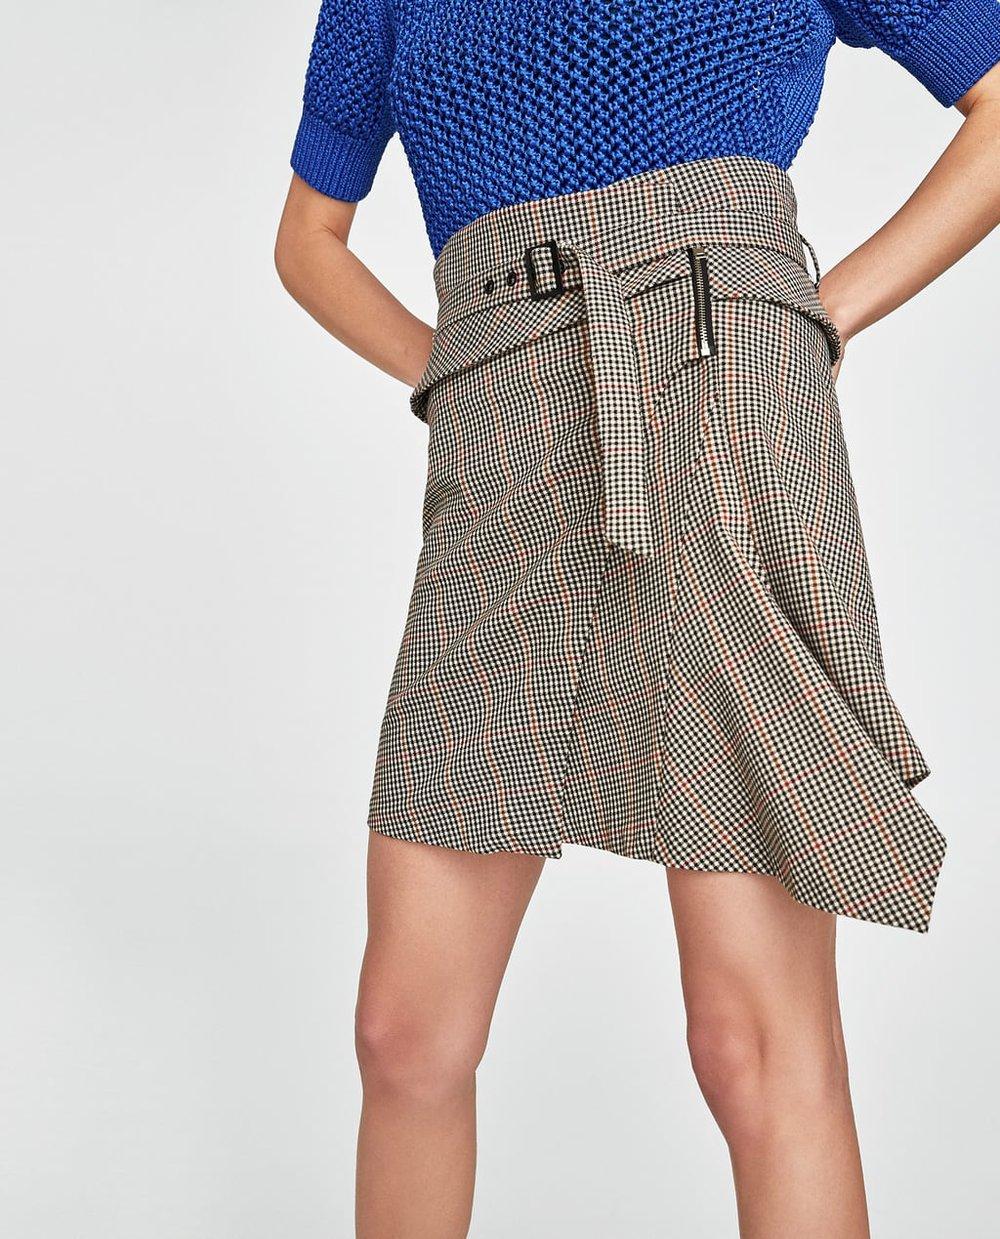 https://www.zara.com/ca/en/checked-asymmetric-mini-skirt-p02761040.html?v1=5396065&v2=719016